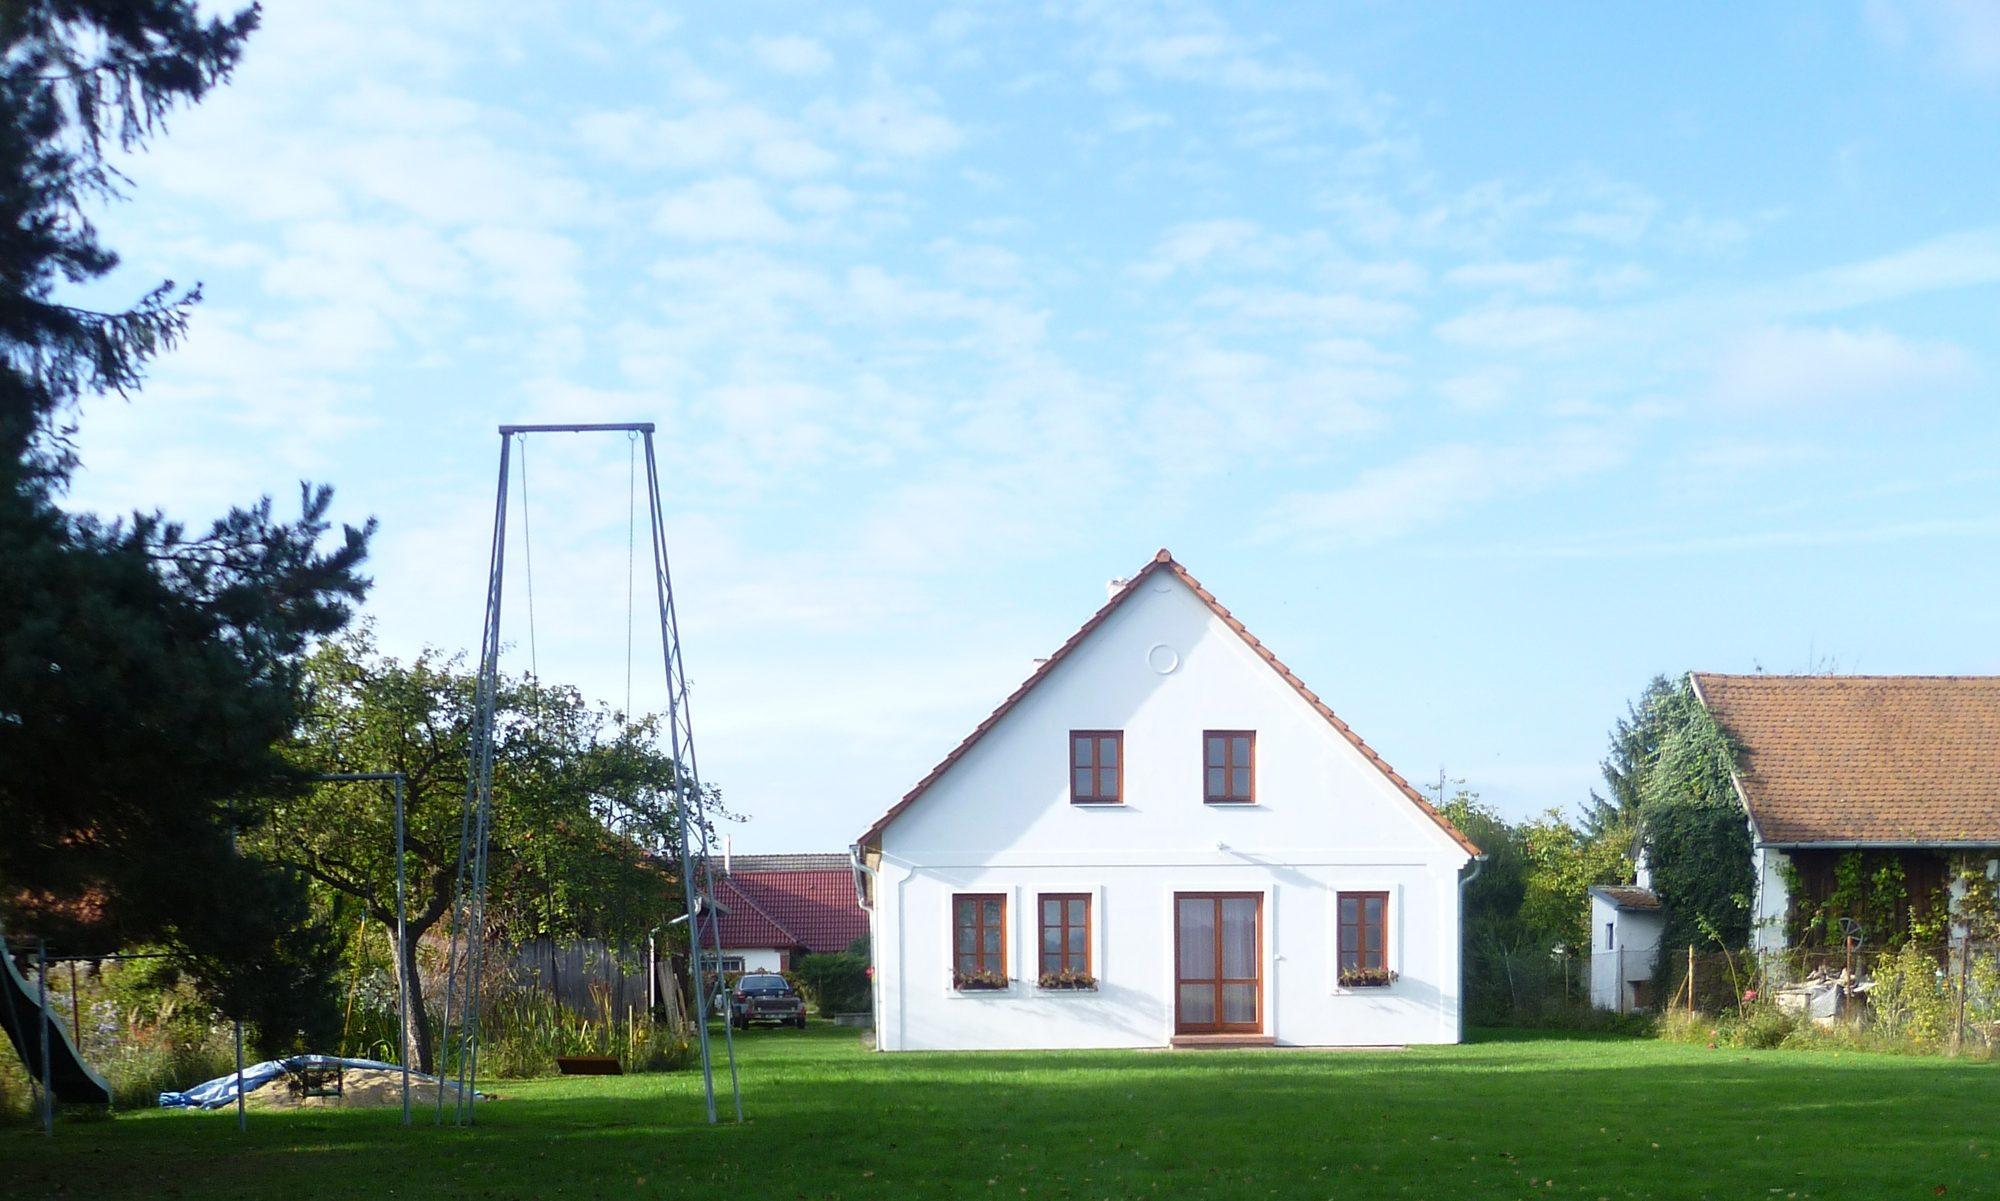 Ubytování Jižní Čechy